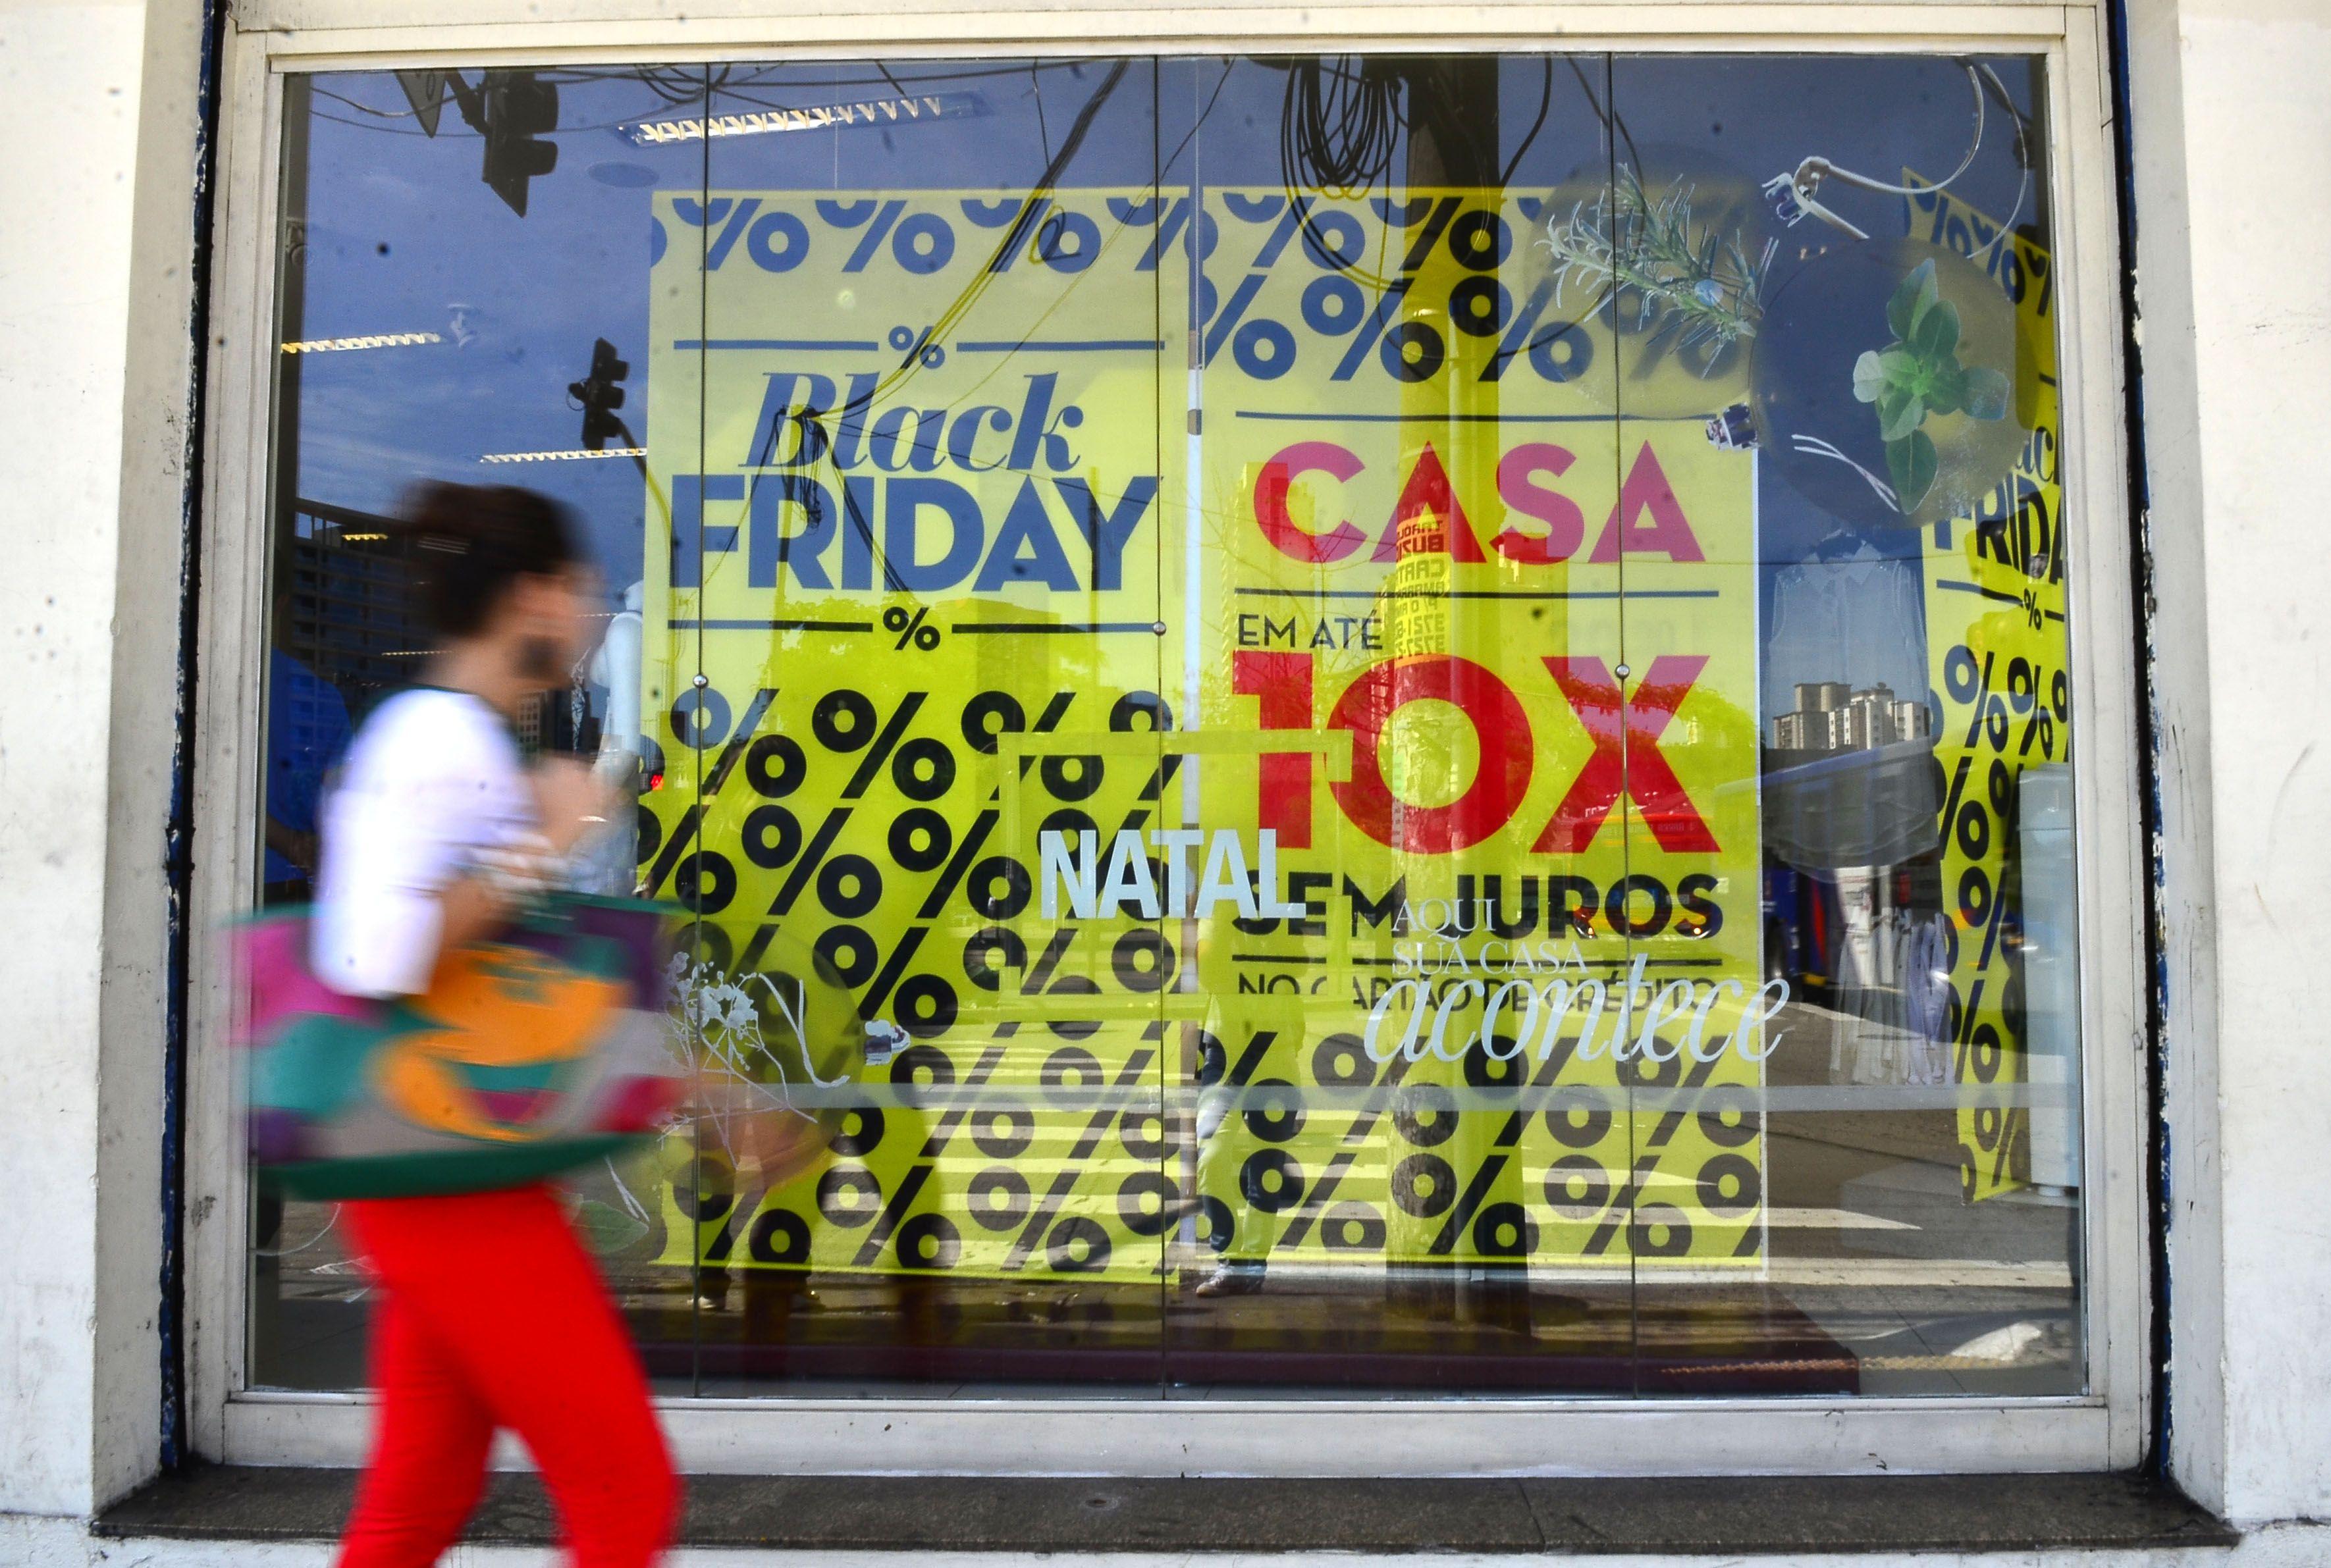 Confira análise: de volta à crise, depois da Black Friday e do Natal